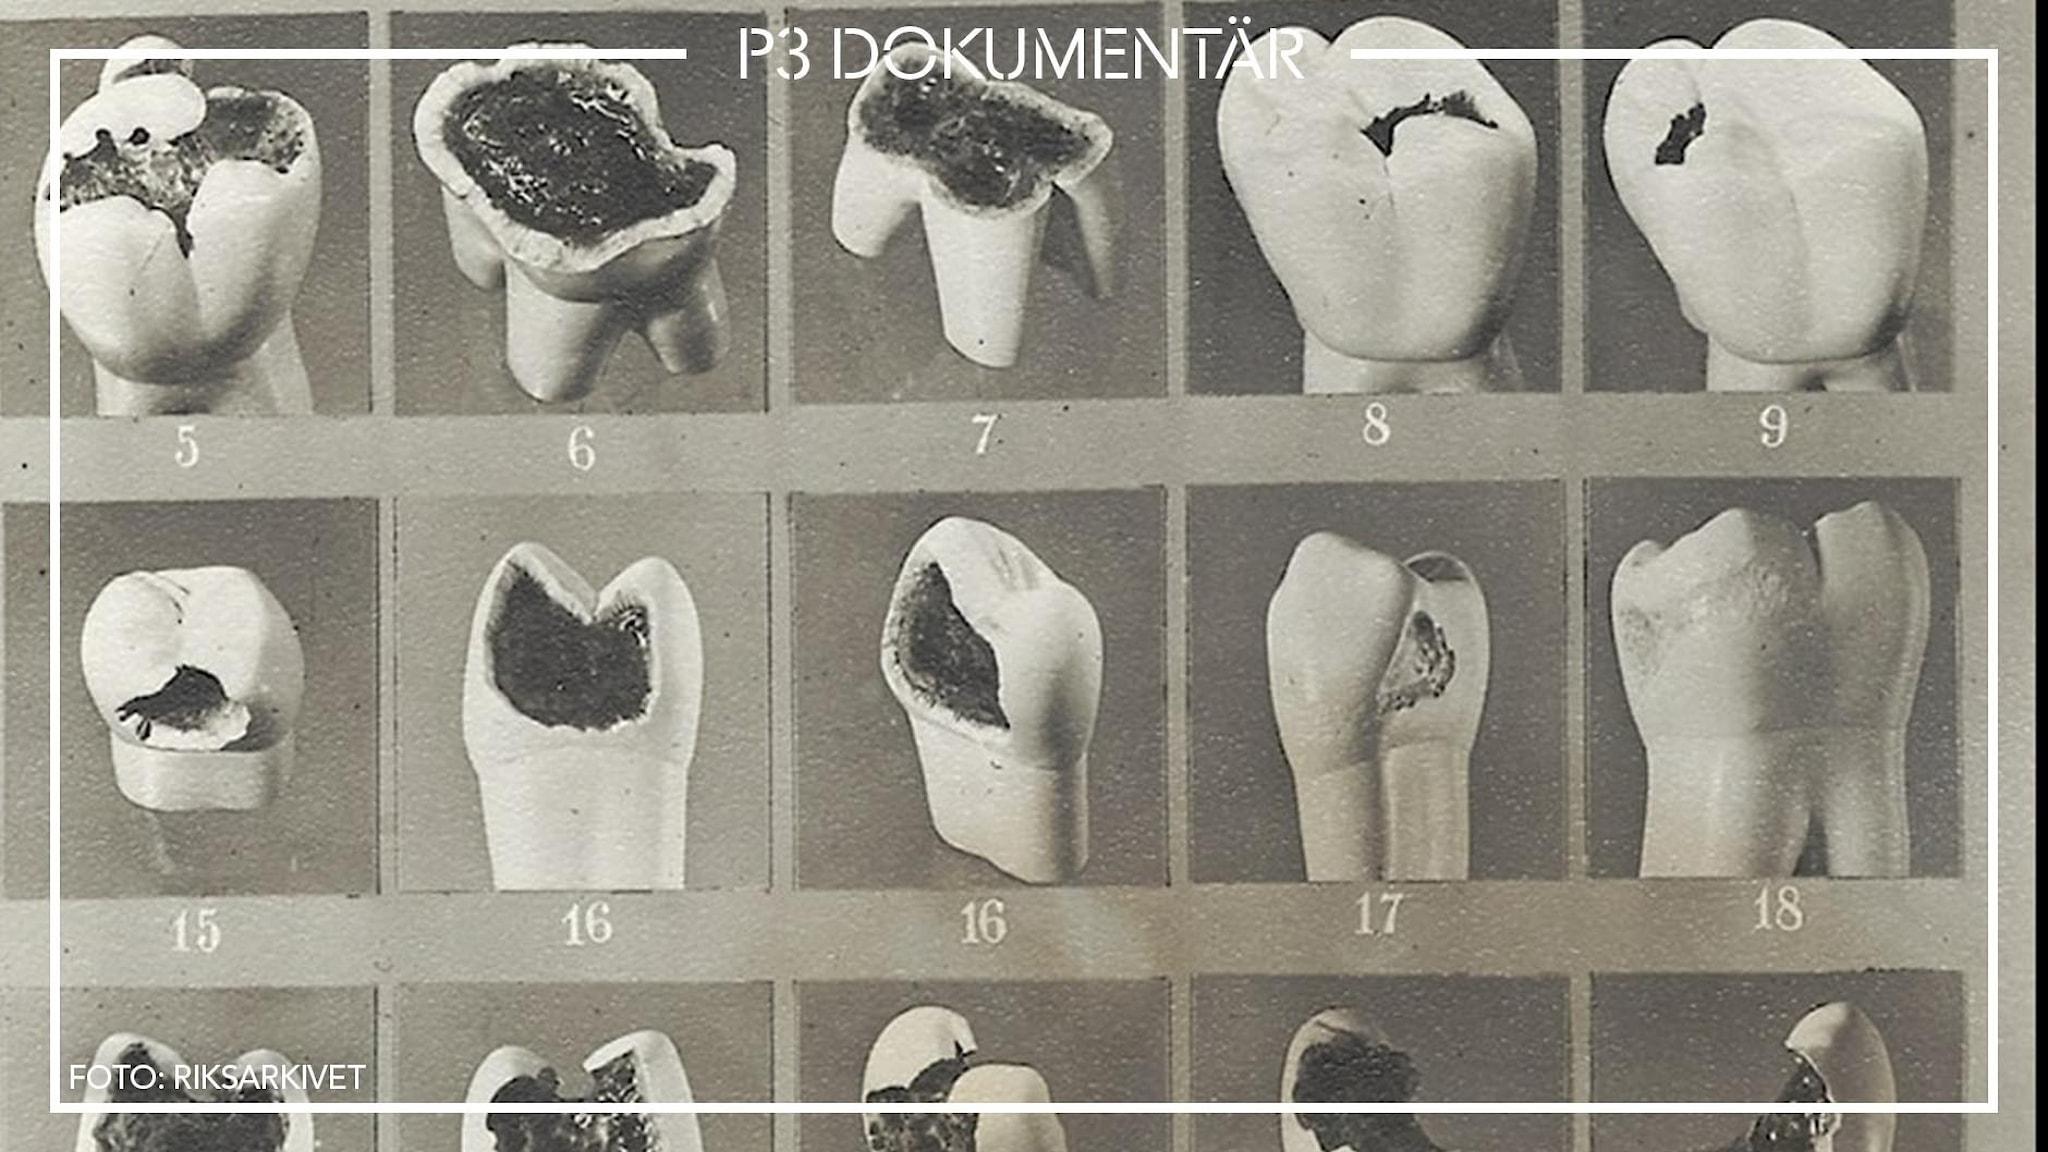 Bilder från Riksarkivet på trasiga tänder efter att experimenten avslutades.